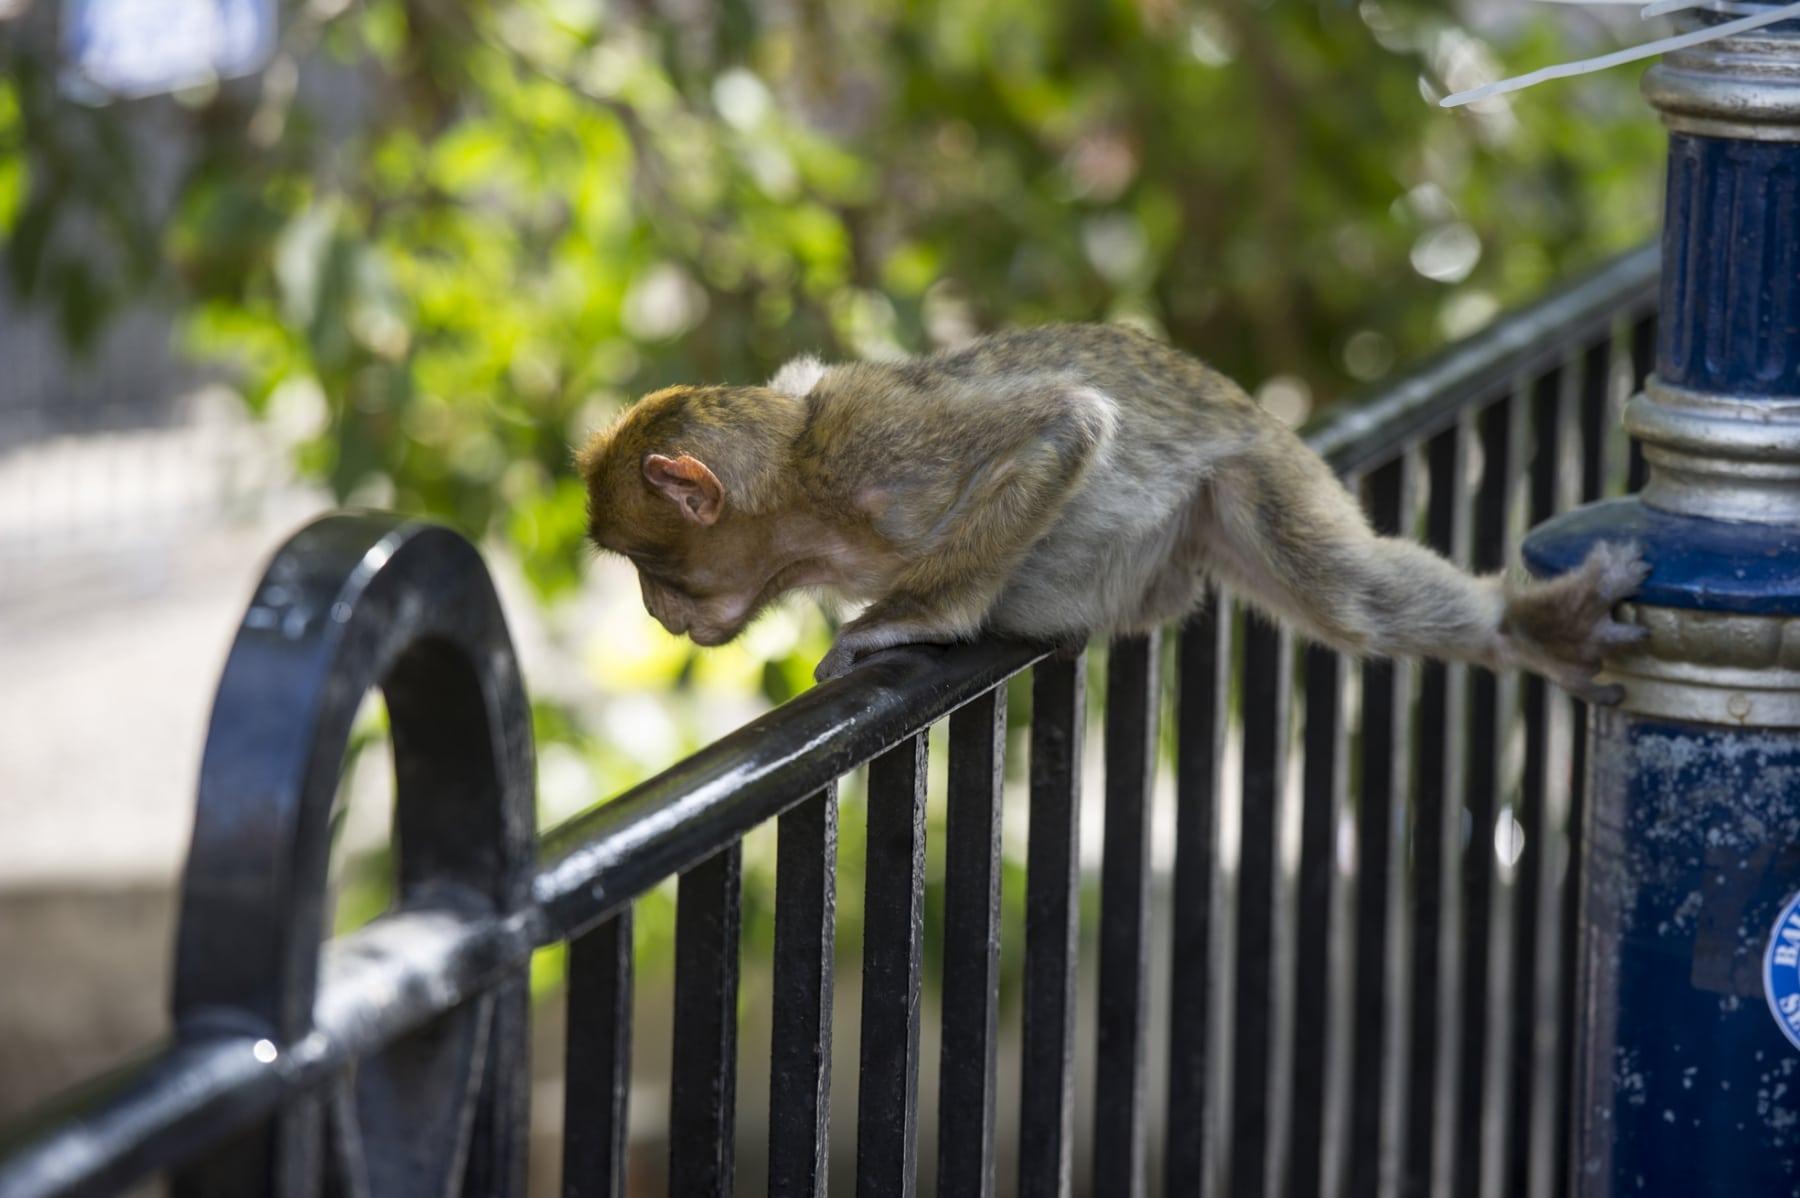 Monos-en-la-ciudad-17